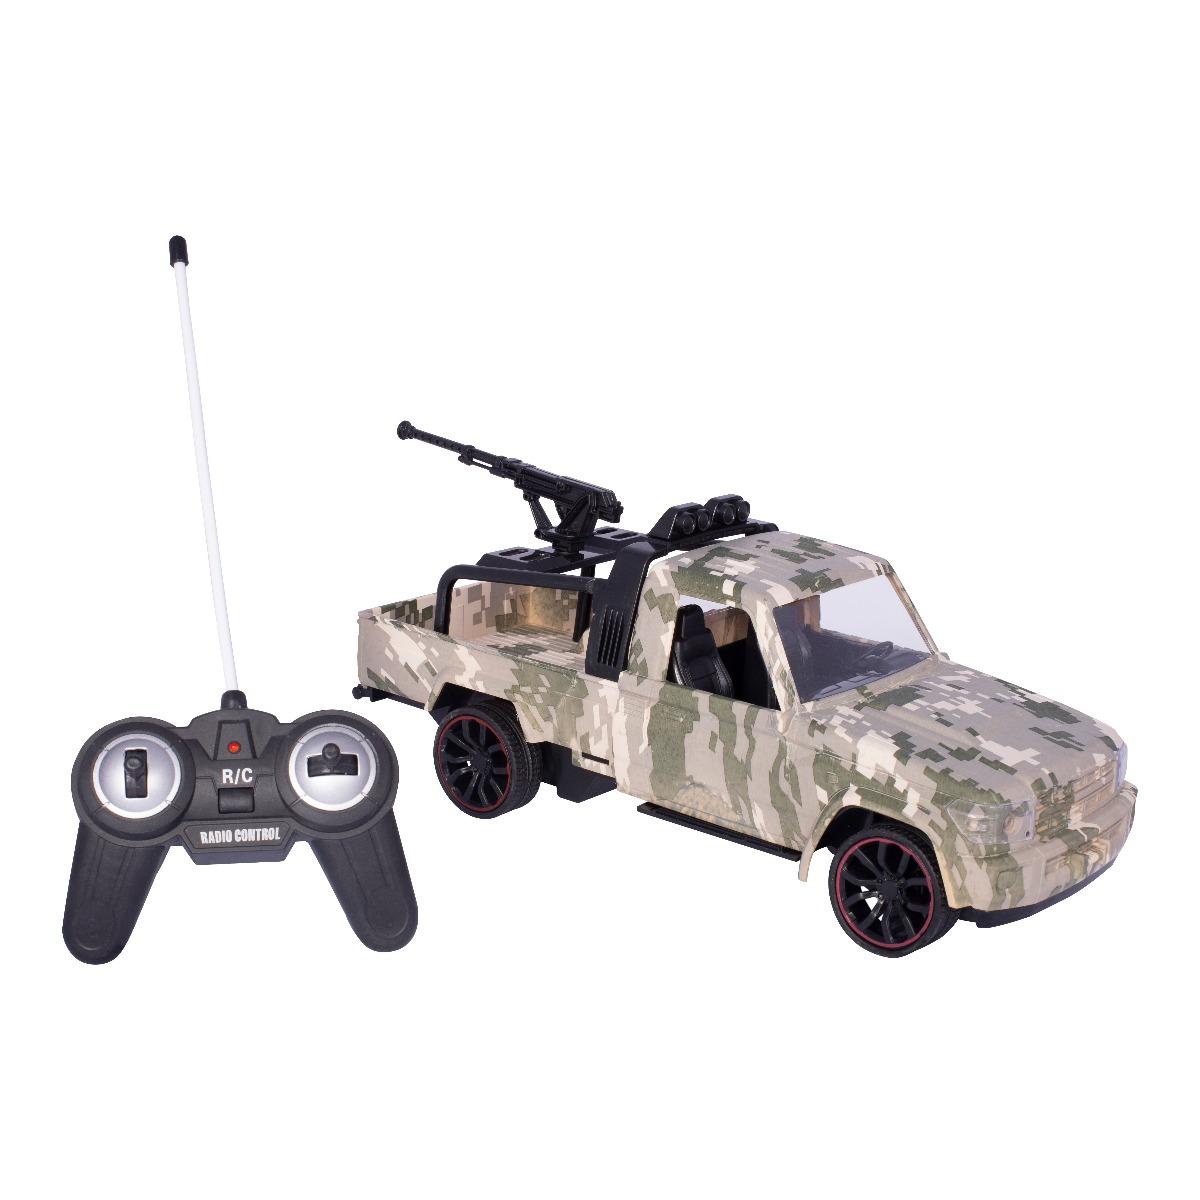 Vehicul De Desert Cu Telecomanda - Cool Machines